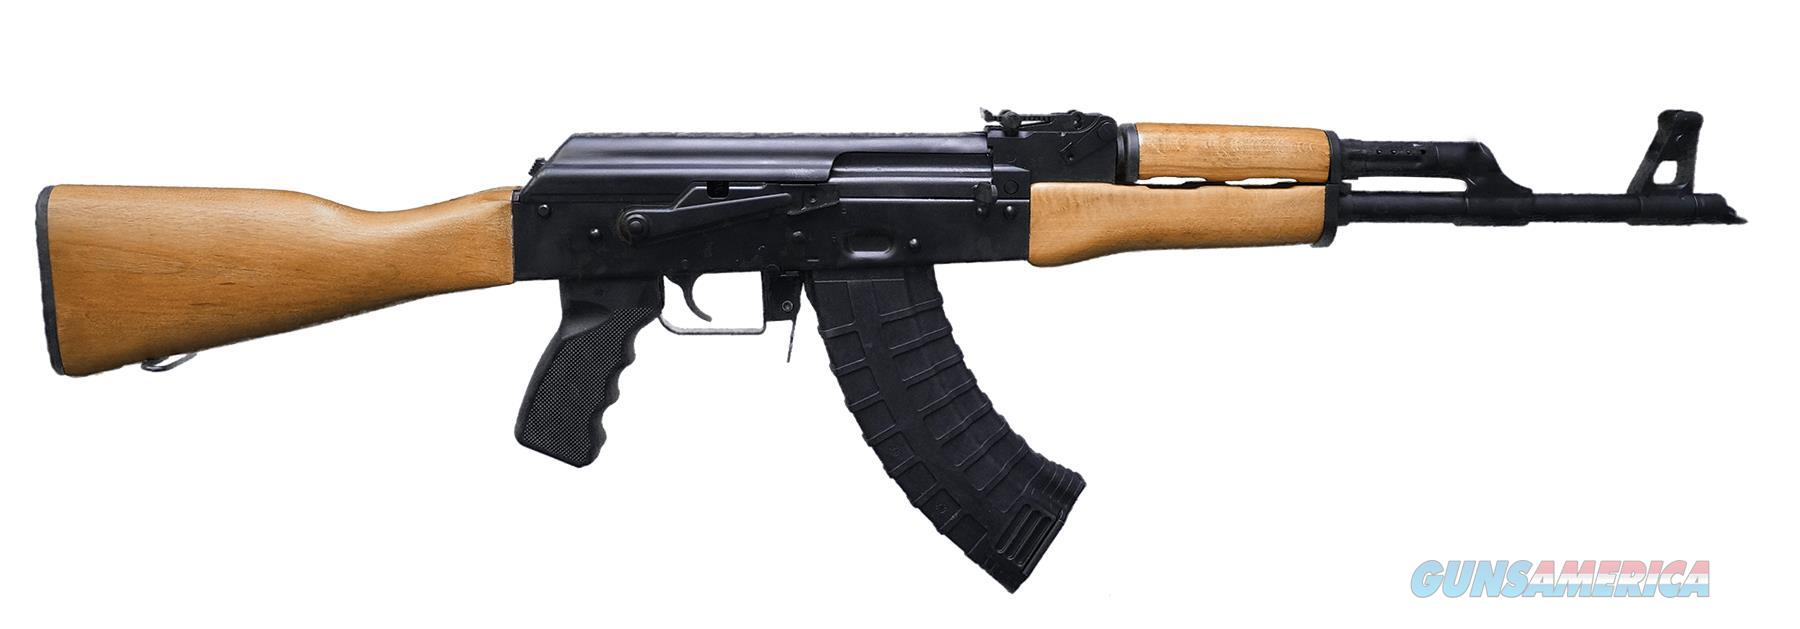 """Red Army Standard Ri2403n Ras47 Semi-Automatic 7.62X39mm 16.5"""" Mb 30+1 Wood Stk Black Nitride RI2250-N  Guns > Rifles > C Misc Rifles"""